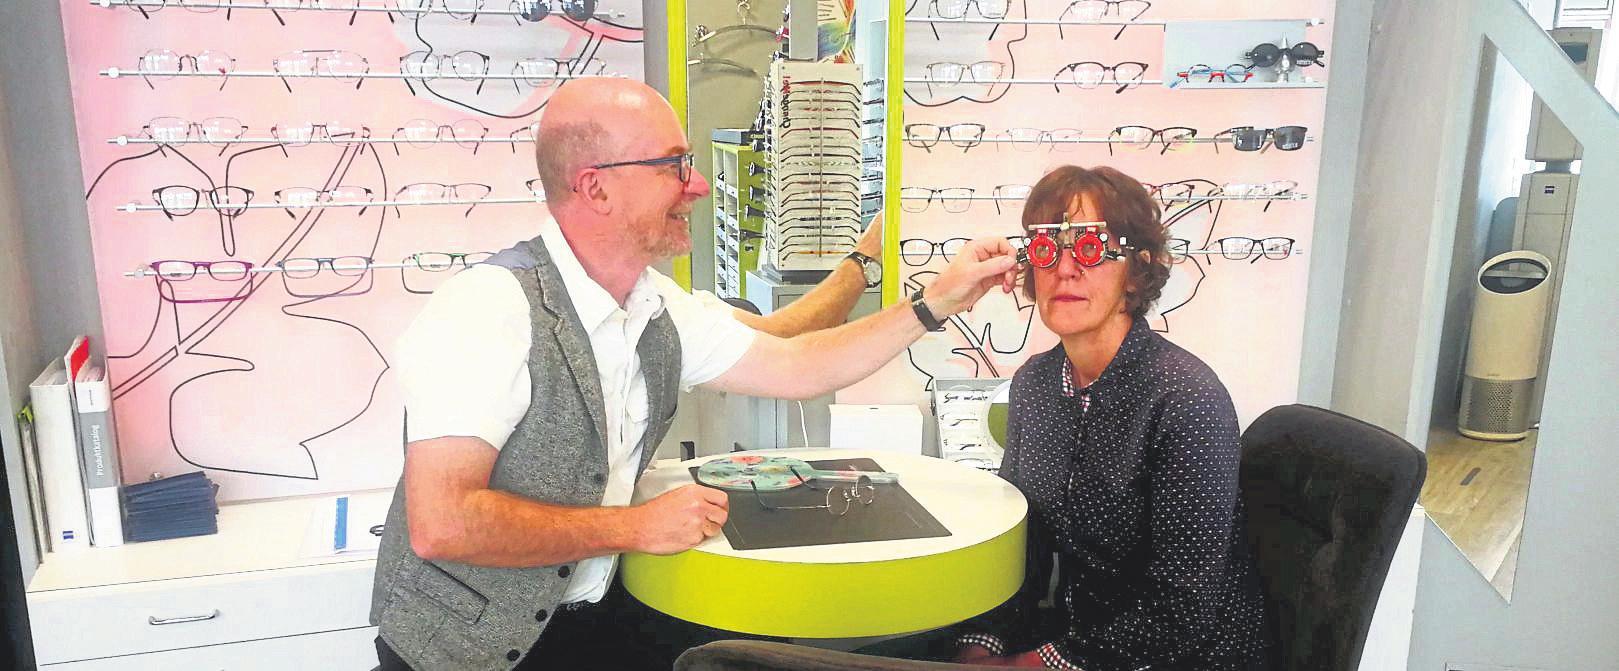 Feinabgleich mit der Messbrille: Erst wenn die richtige Glasstärke und das Wunschgestell gefunden sind, ist Thomas Metz – hier mit einer Kollegin auf dem Bild – zufrieden.